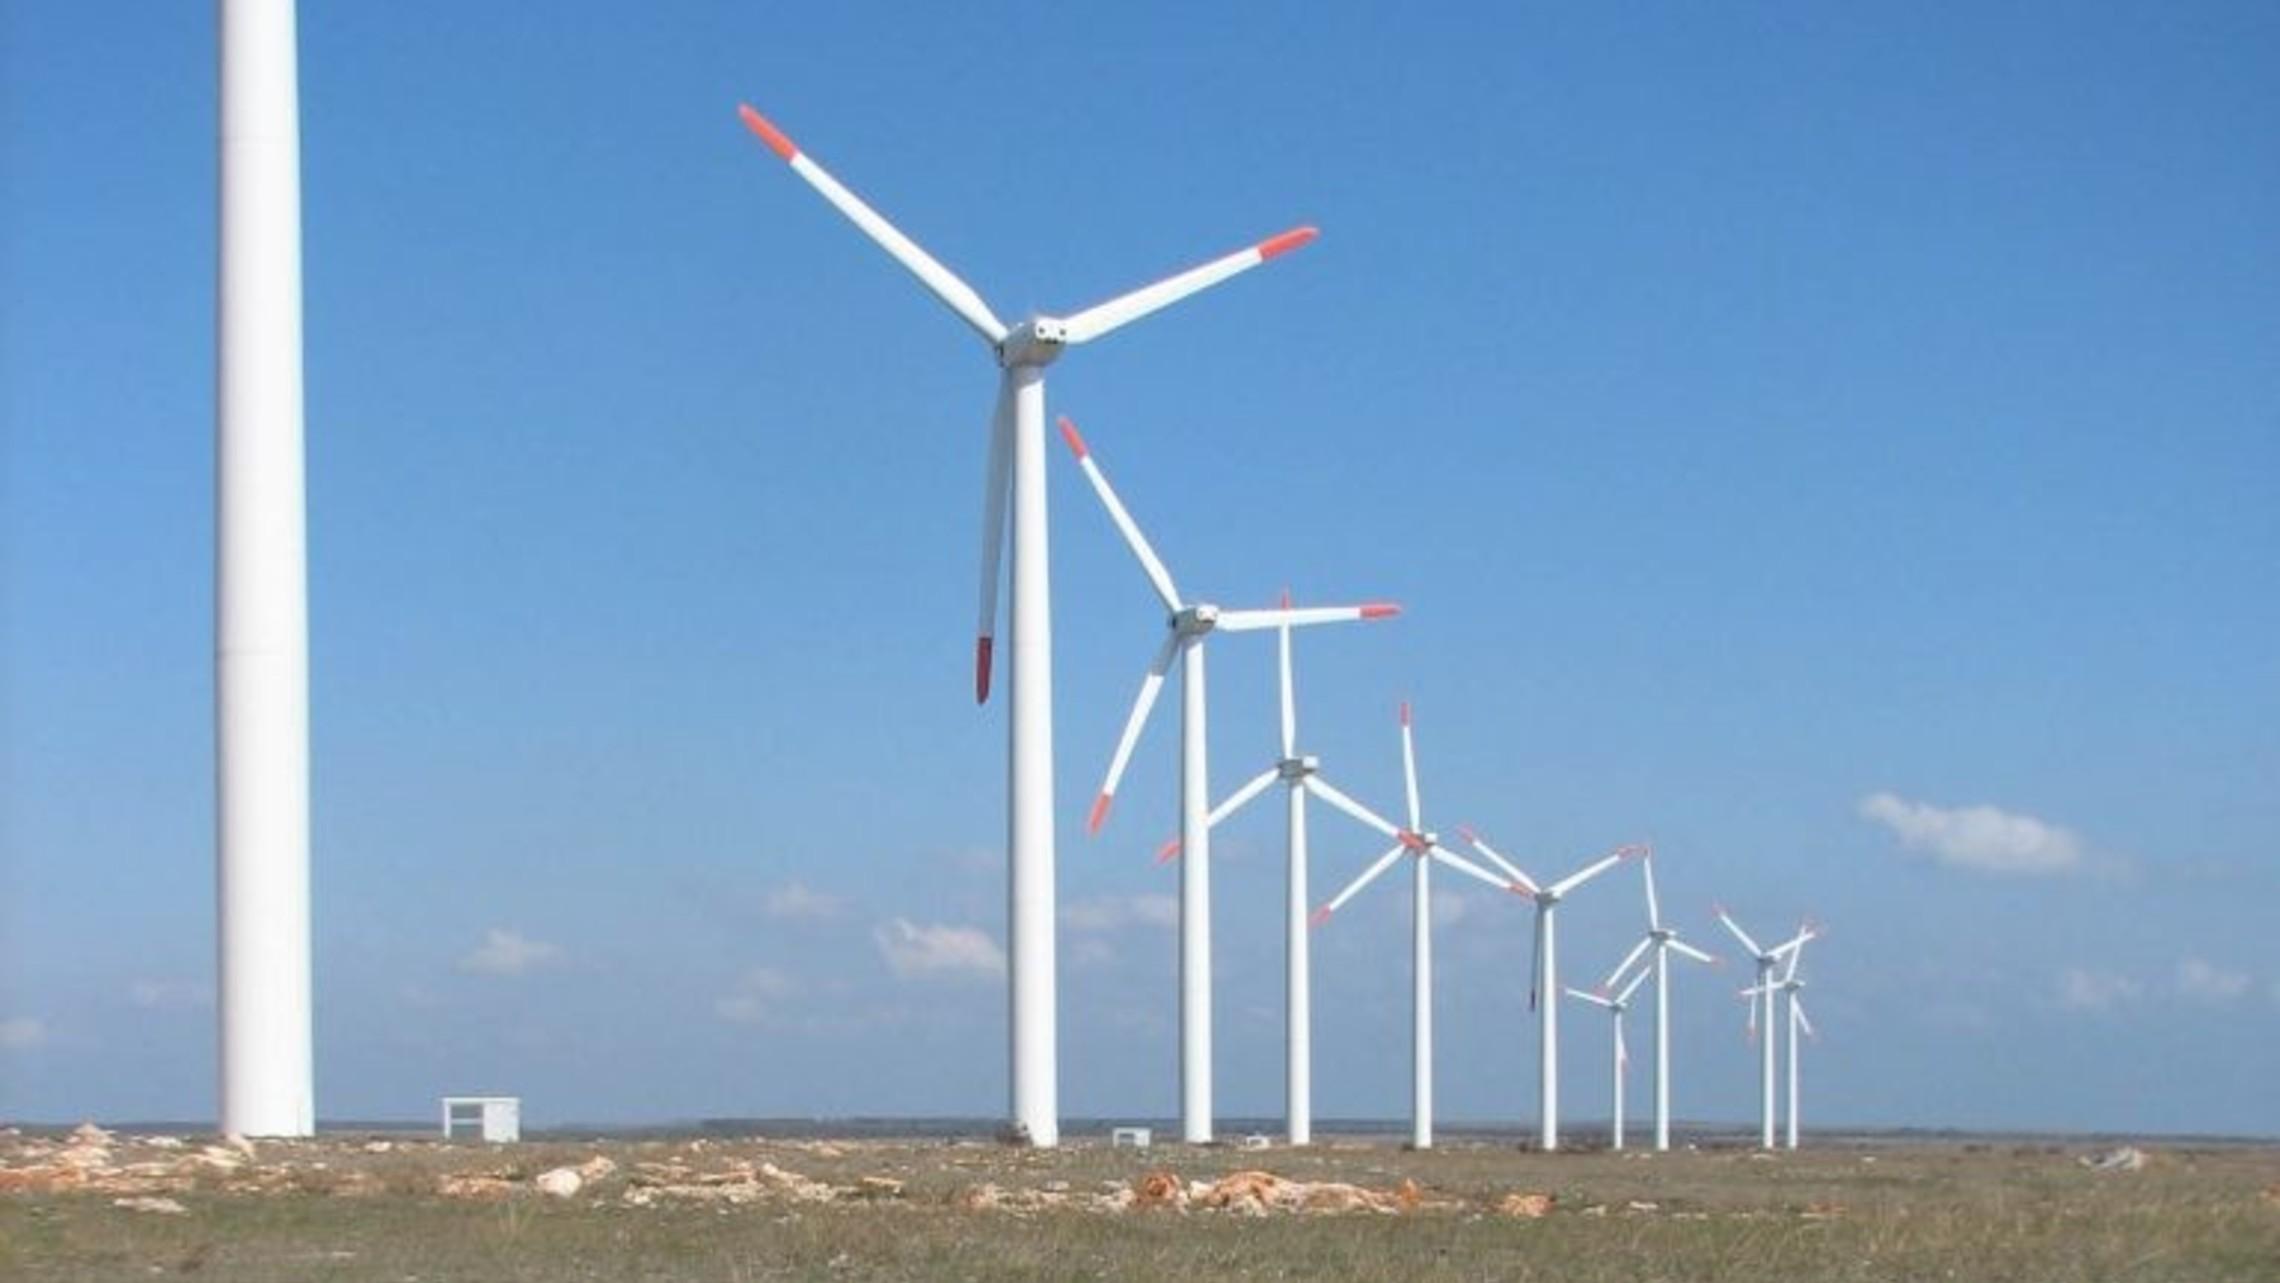 Bird Wind Turbine Collision Bspb Birdlife Bulgaria 768x1024